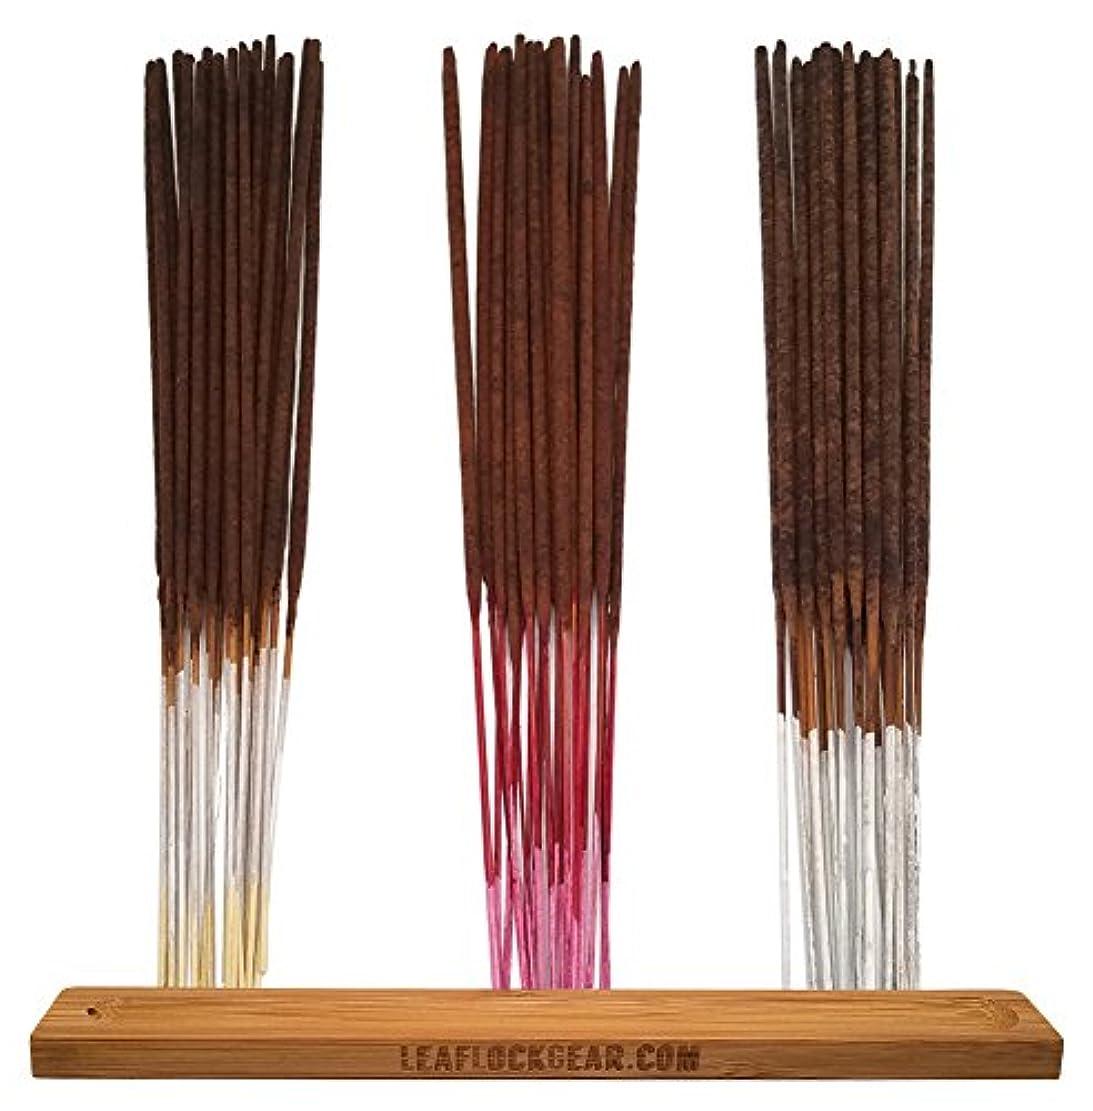 競うマティス雨バンドル – 61アイテム – Wild Berryお香「バニラ」香りサンプラー。Includes 20 Sticks各のバニラ、チェリーバニラ、と梨バニラwith Incense Stick Burner